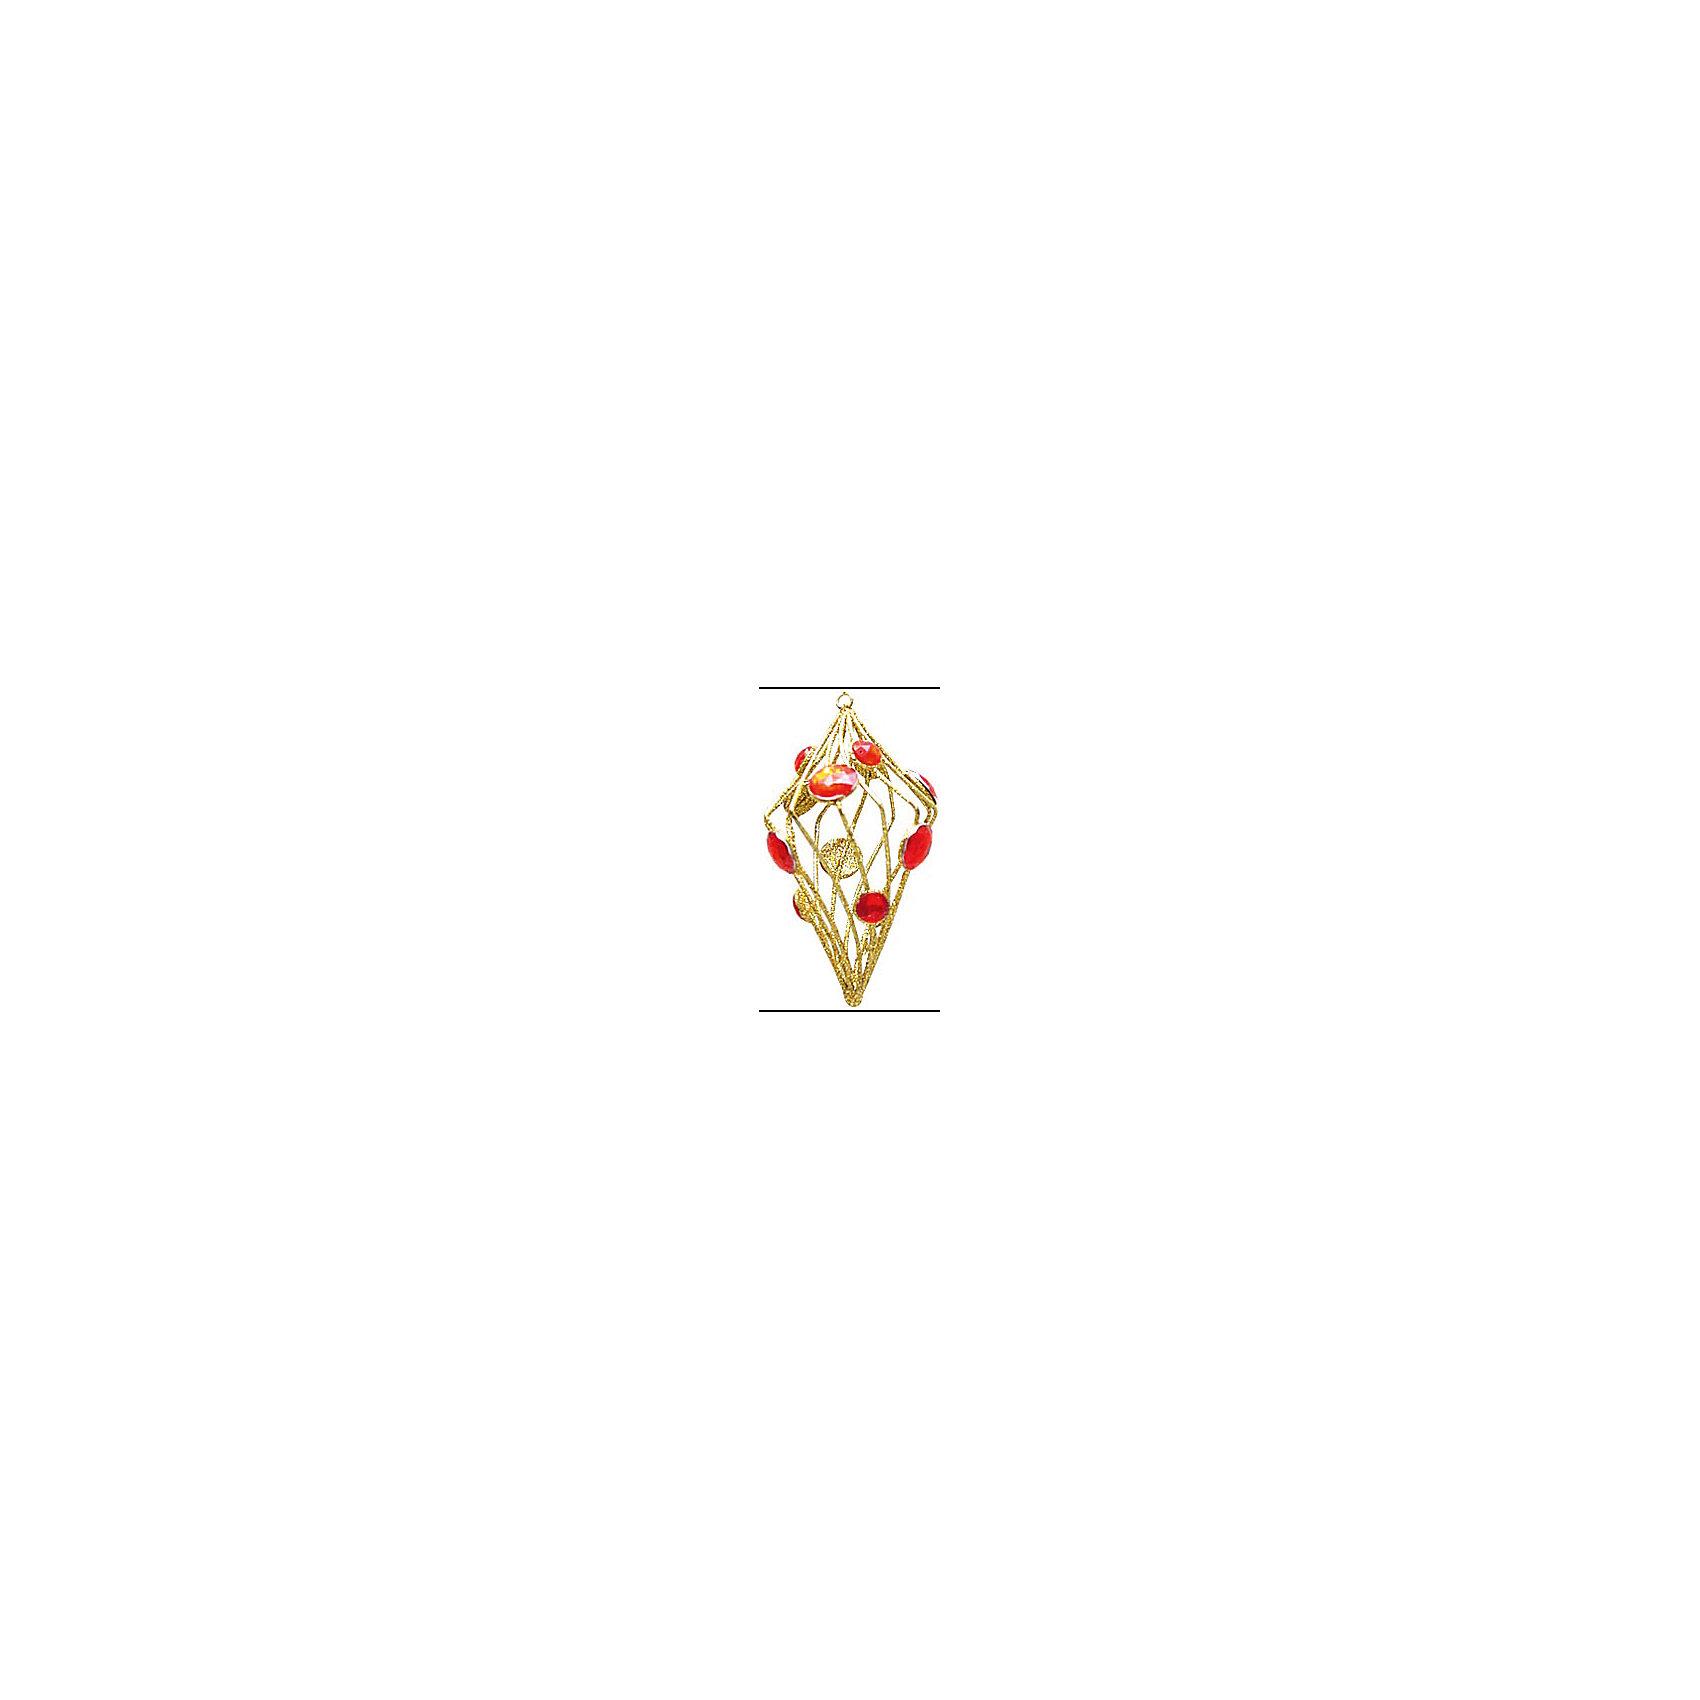 Marko Ferenzo Украшение  Витой рубин (красный, золотой) marko ferenzo набор желудей 3 шт grande 4 см золотой